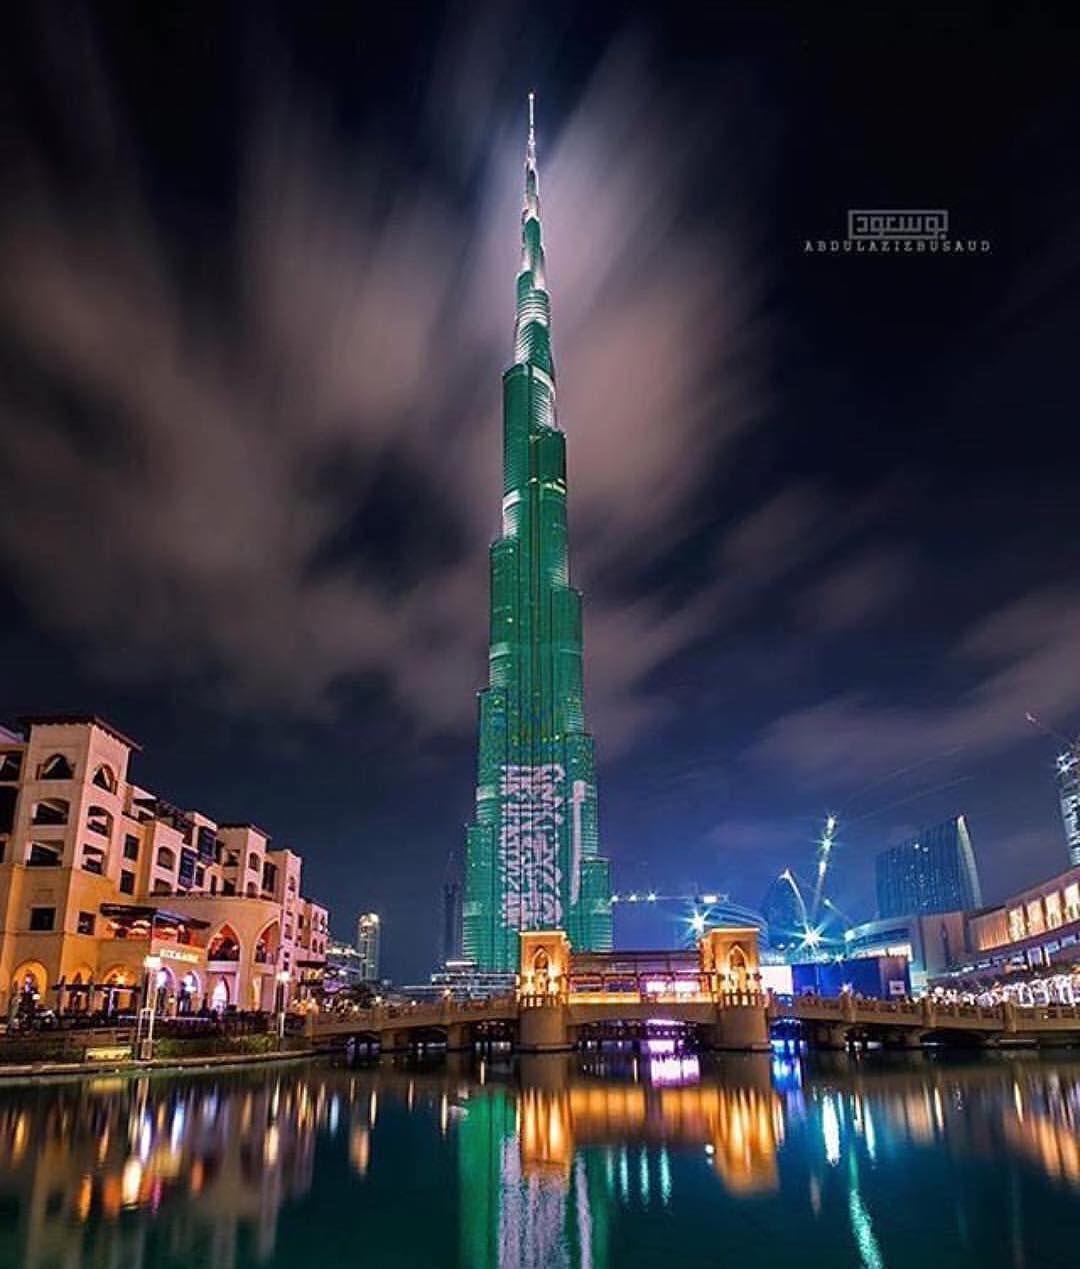 أيقونة دبي أطول ناطحة سحاب في العالم برج خليفة يتزين هذا المساء بألوان العلم السعودي احتفالا مع الشعب السعودي الشقيق Ksa Saudi Arabia Burj Khalifa Landmarks